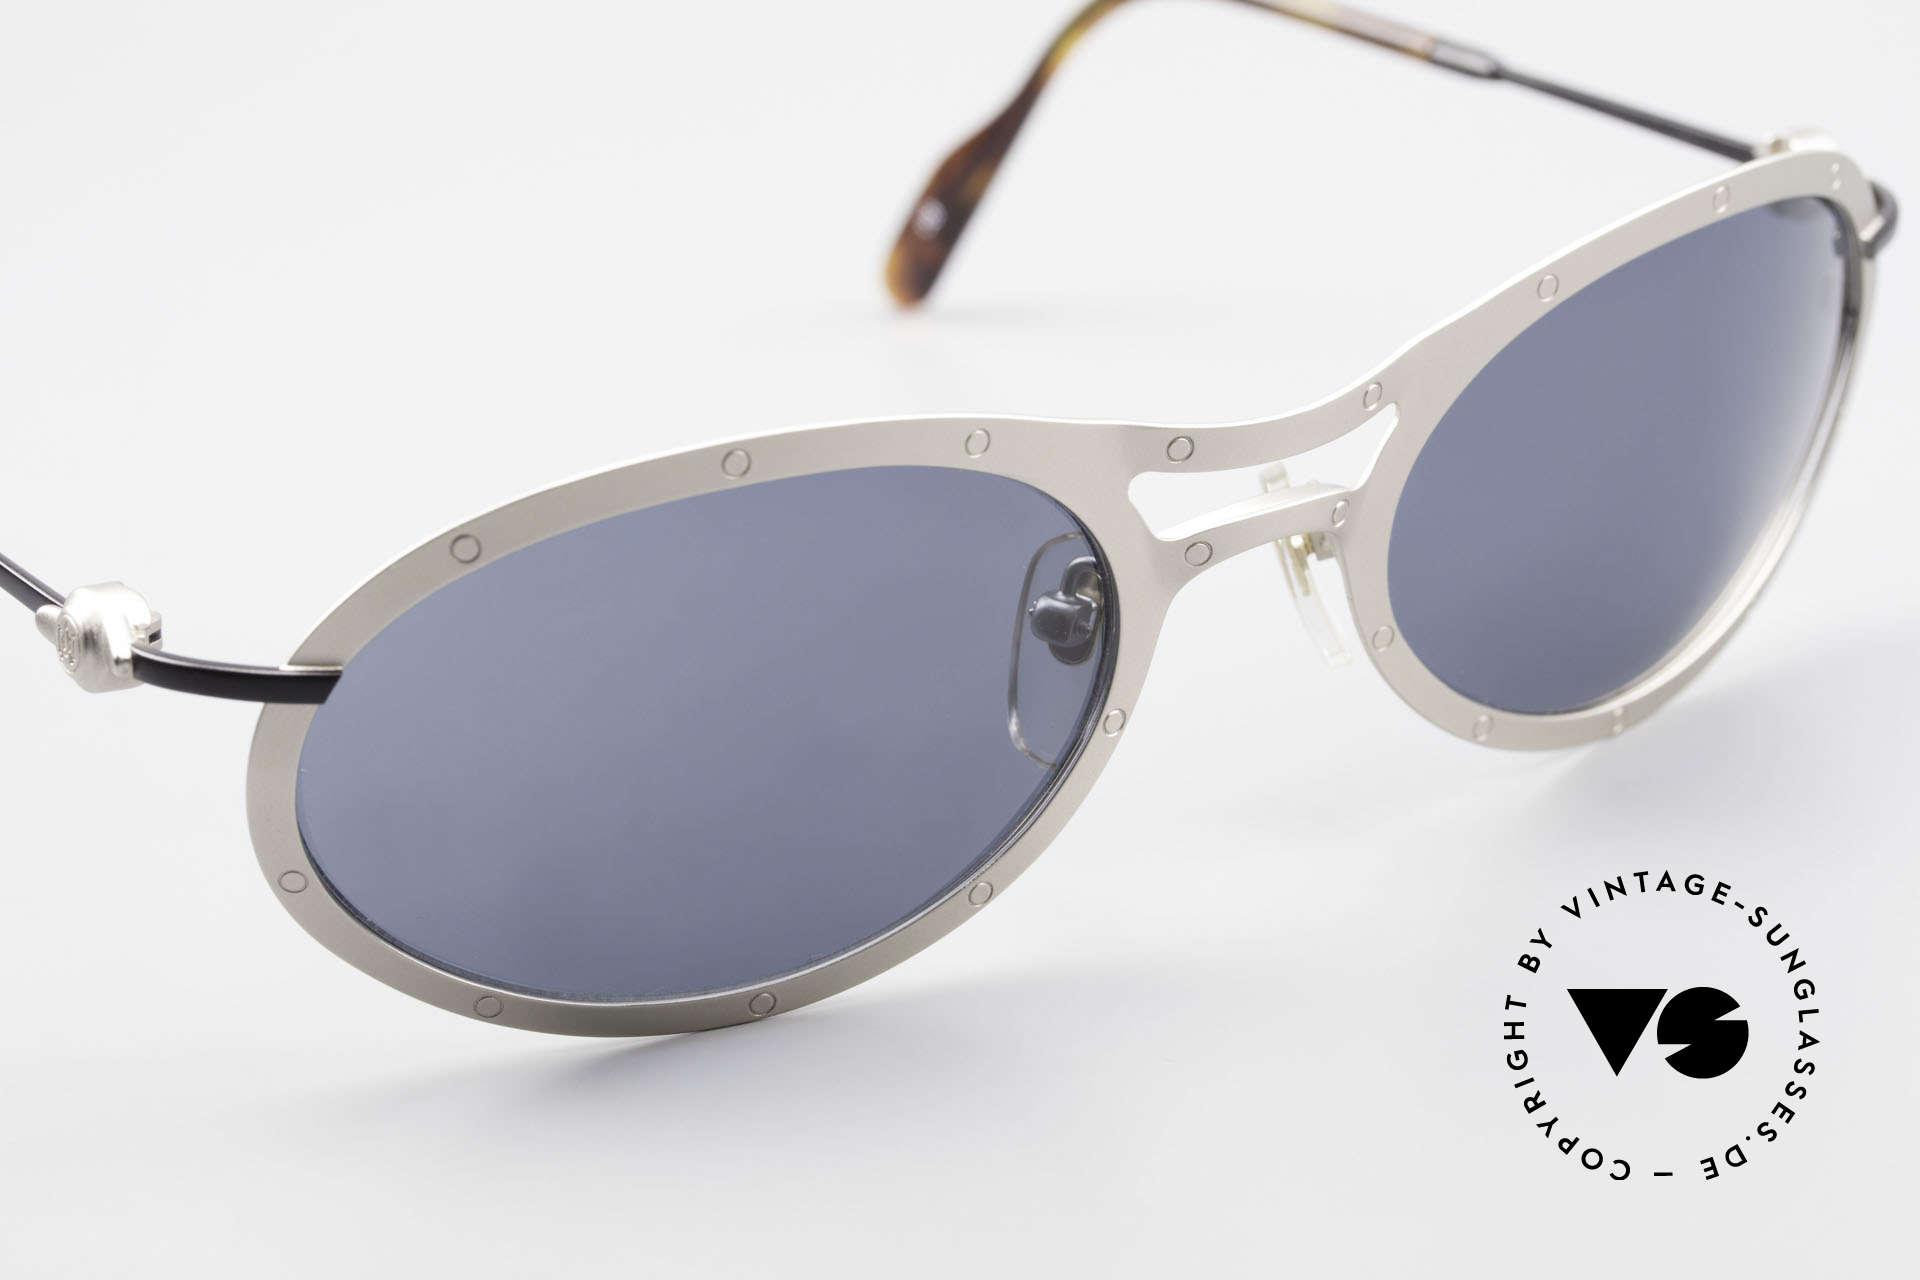 Aston Martin AM33 Sporty Herren Sonnenbrille, ungetragenes Einzelstück in Gr. 59-22 (inkl. orig. Etui), Passend für Herren